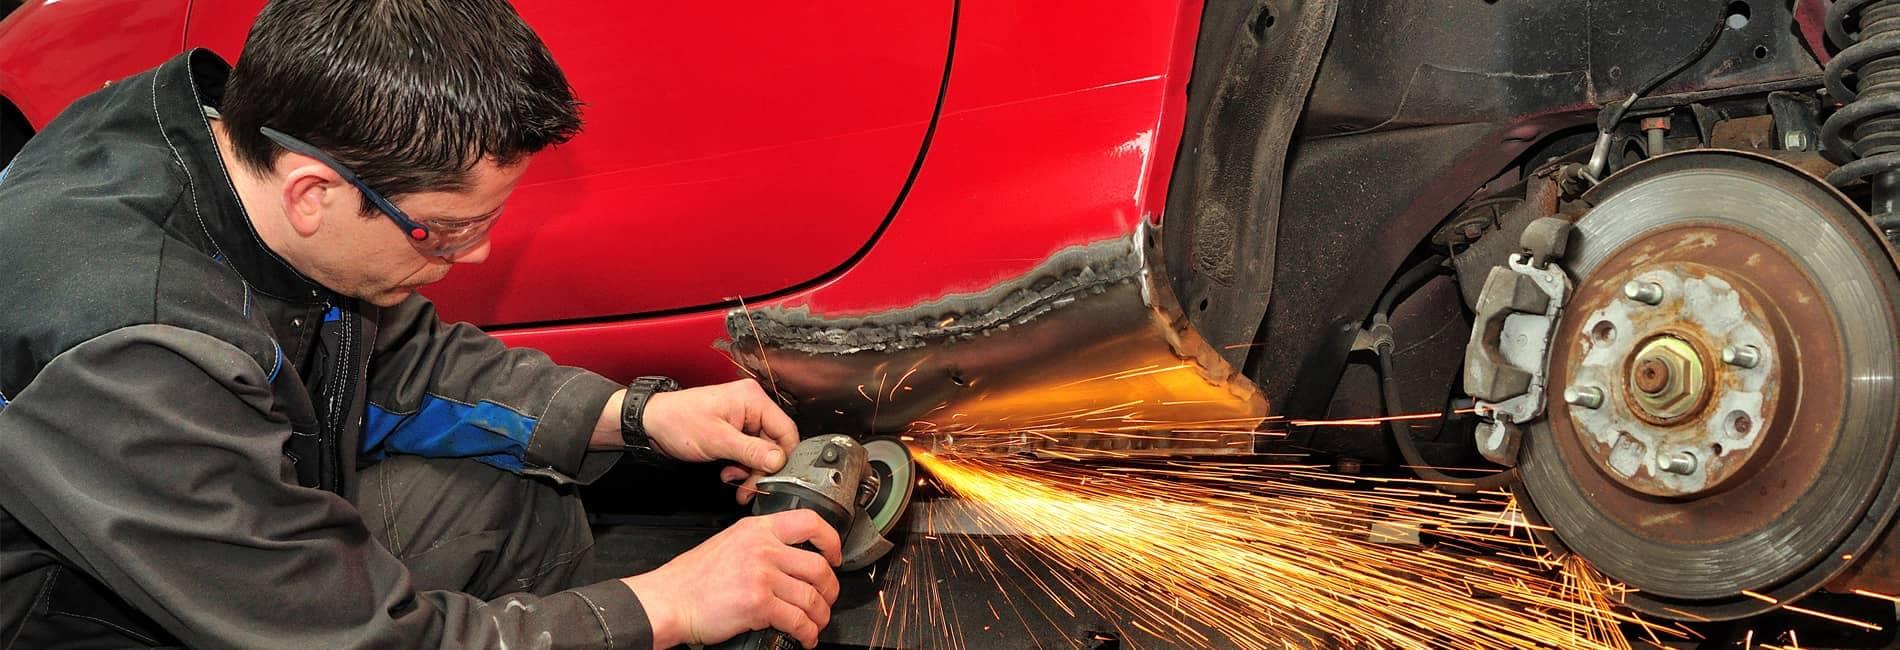 technician repairing a car's exterior